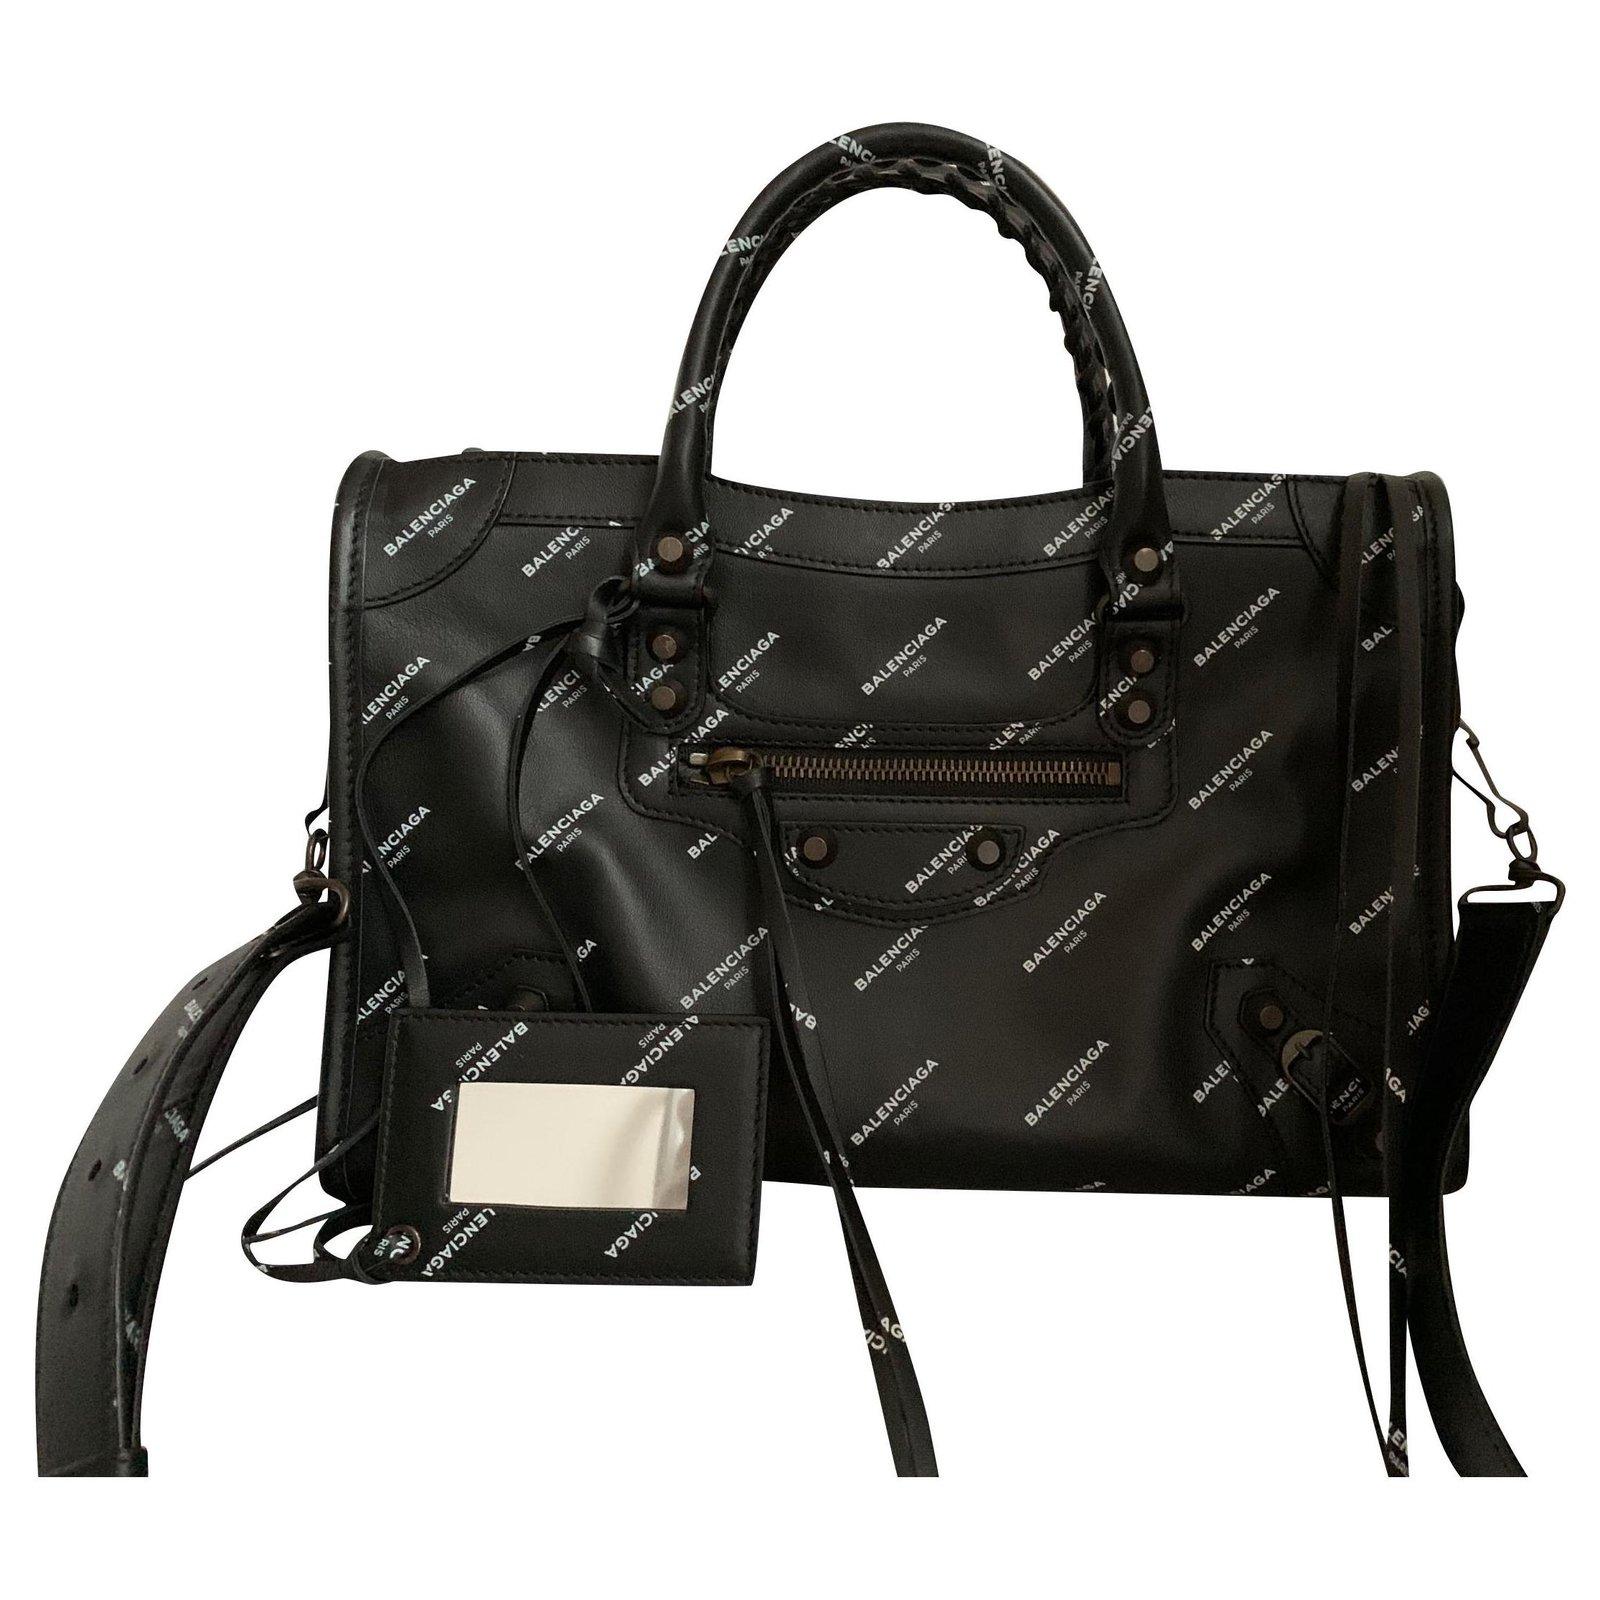 Balenciaga Classic city Handbags